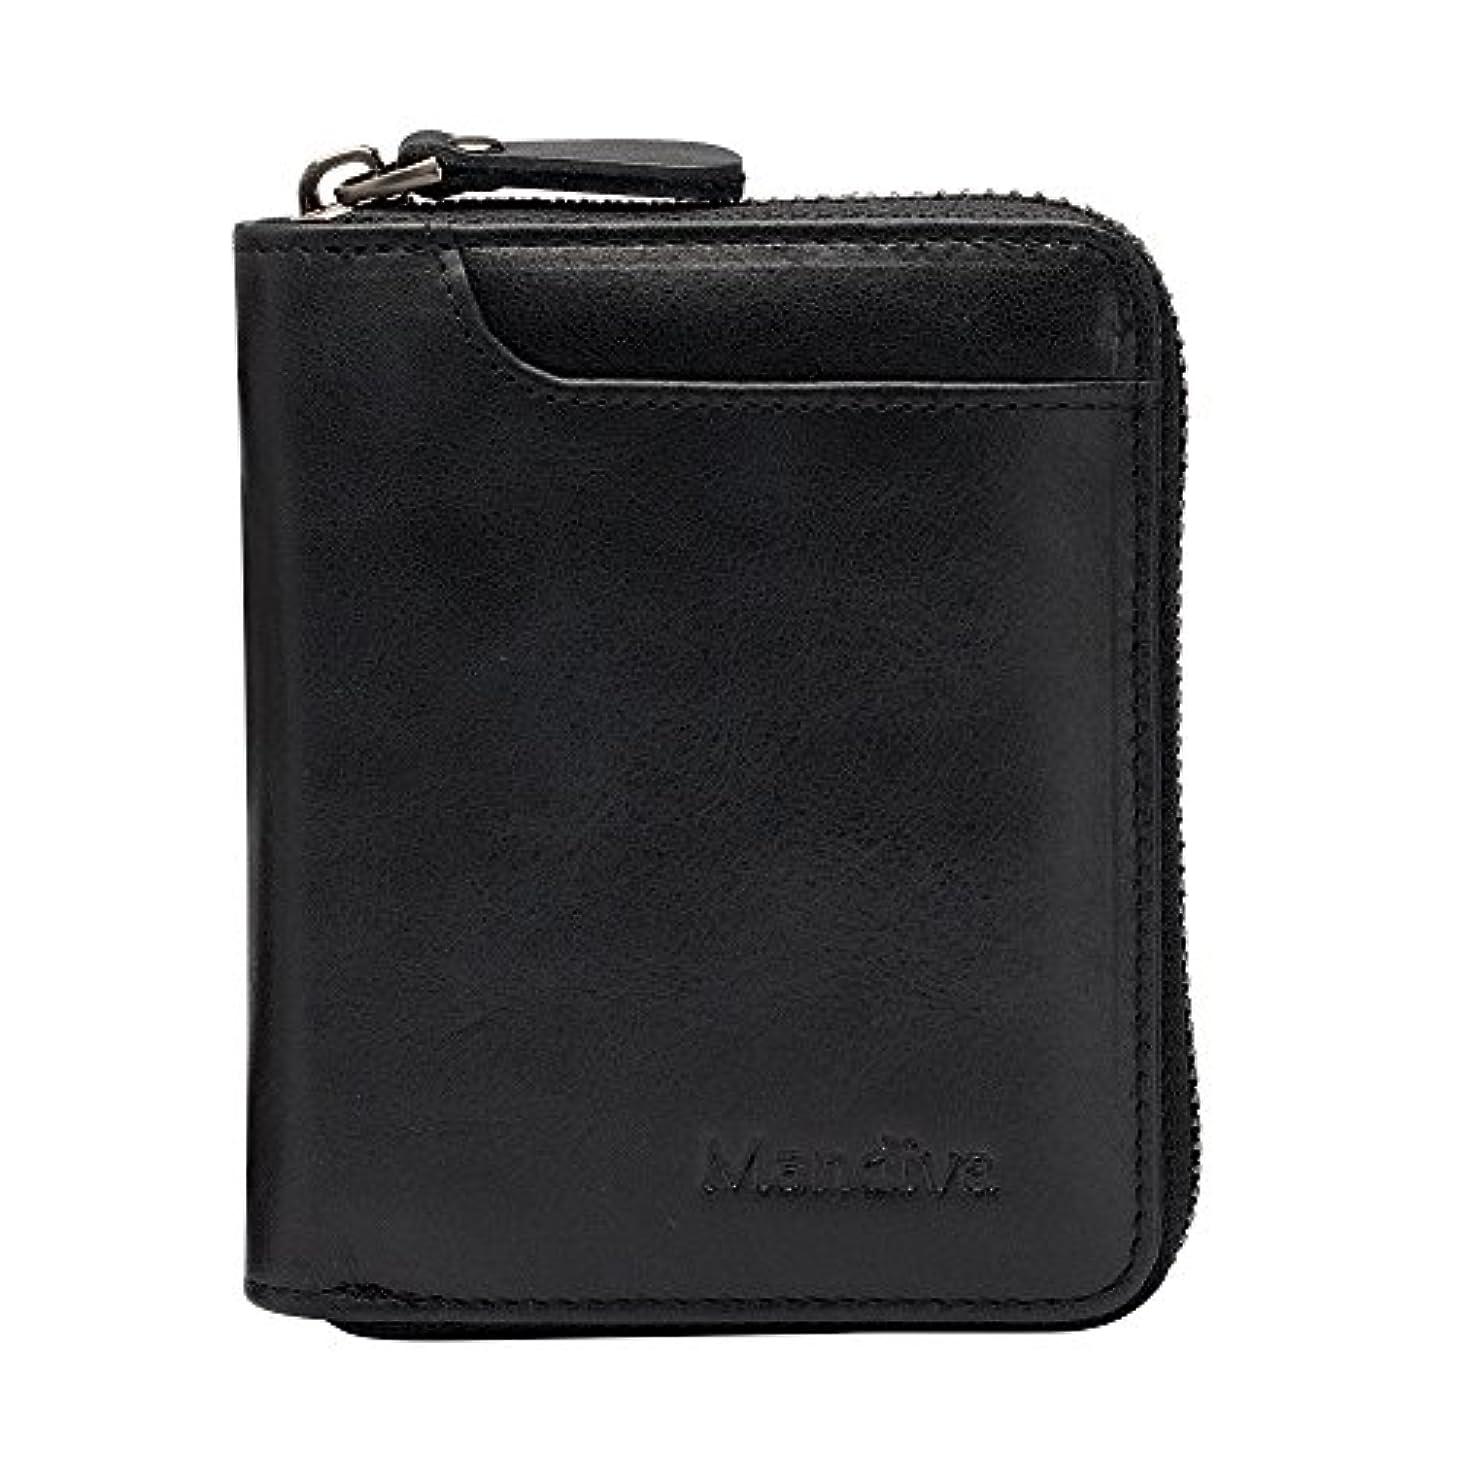 不道徳社会学手つかずのMandiva 財布 カードケース 本革 メンズ 軽量小銭入れ コンパクト ラウンドファスナー